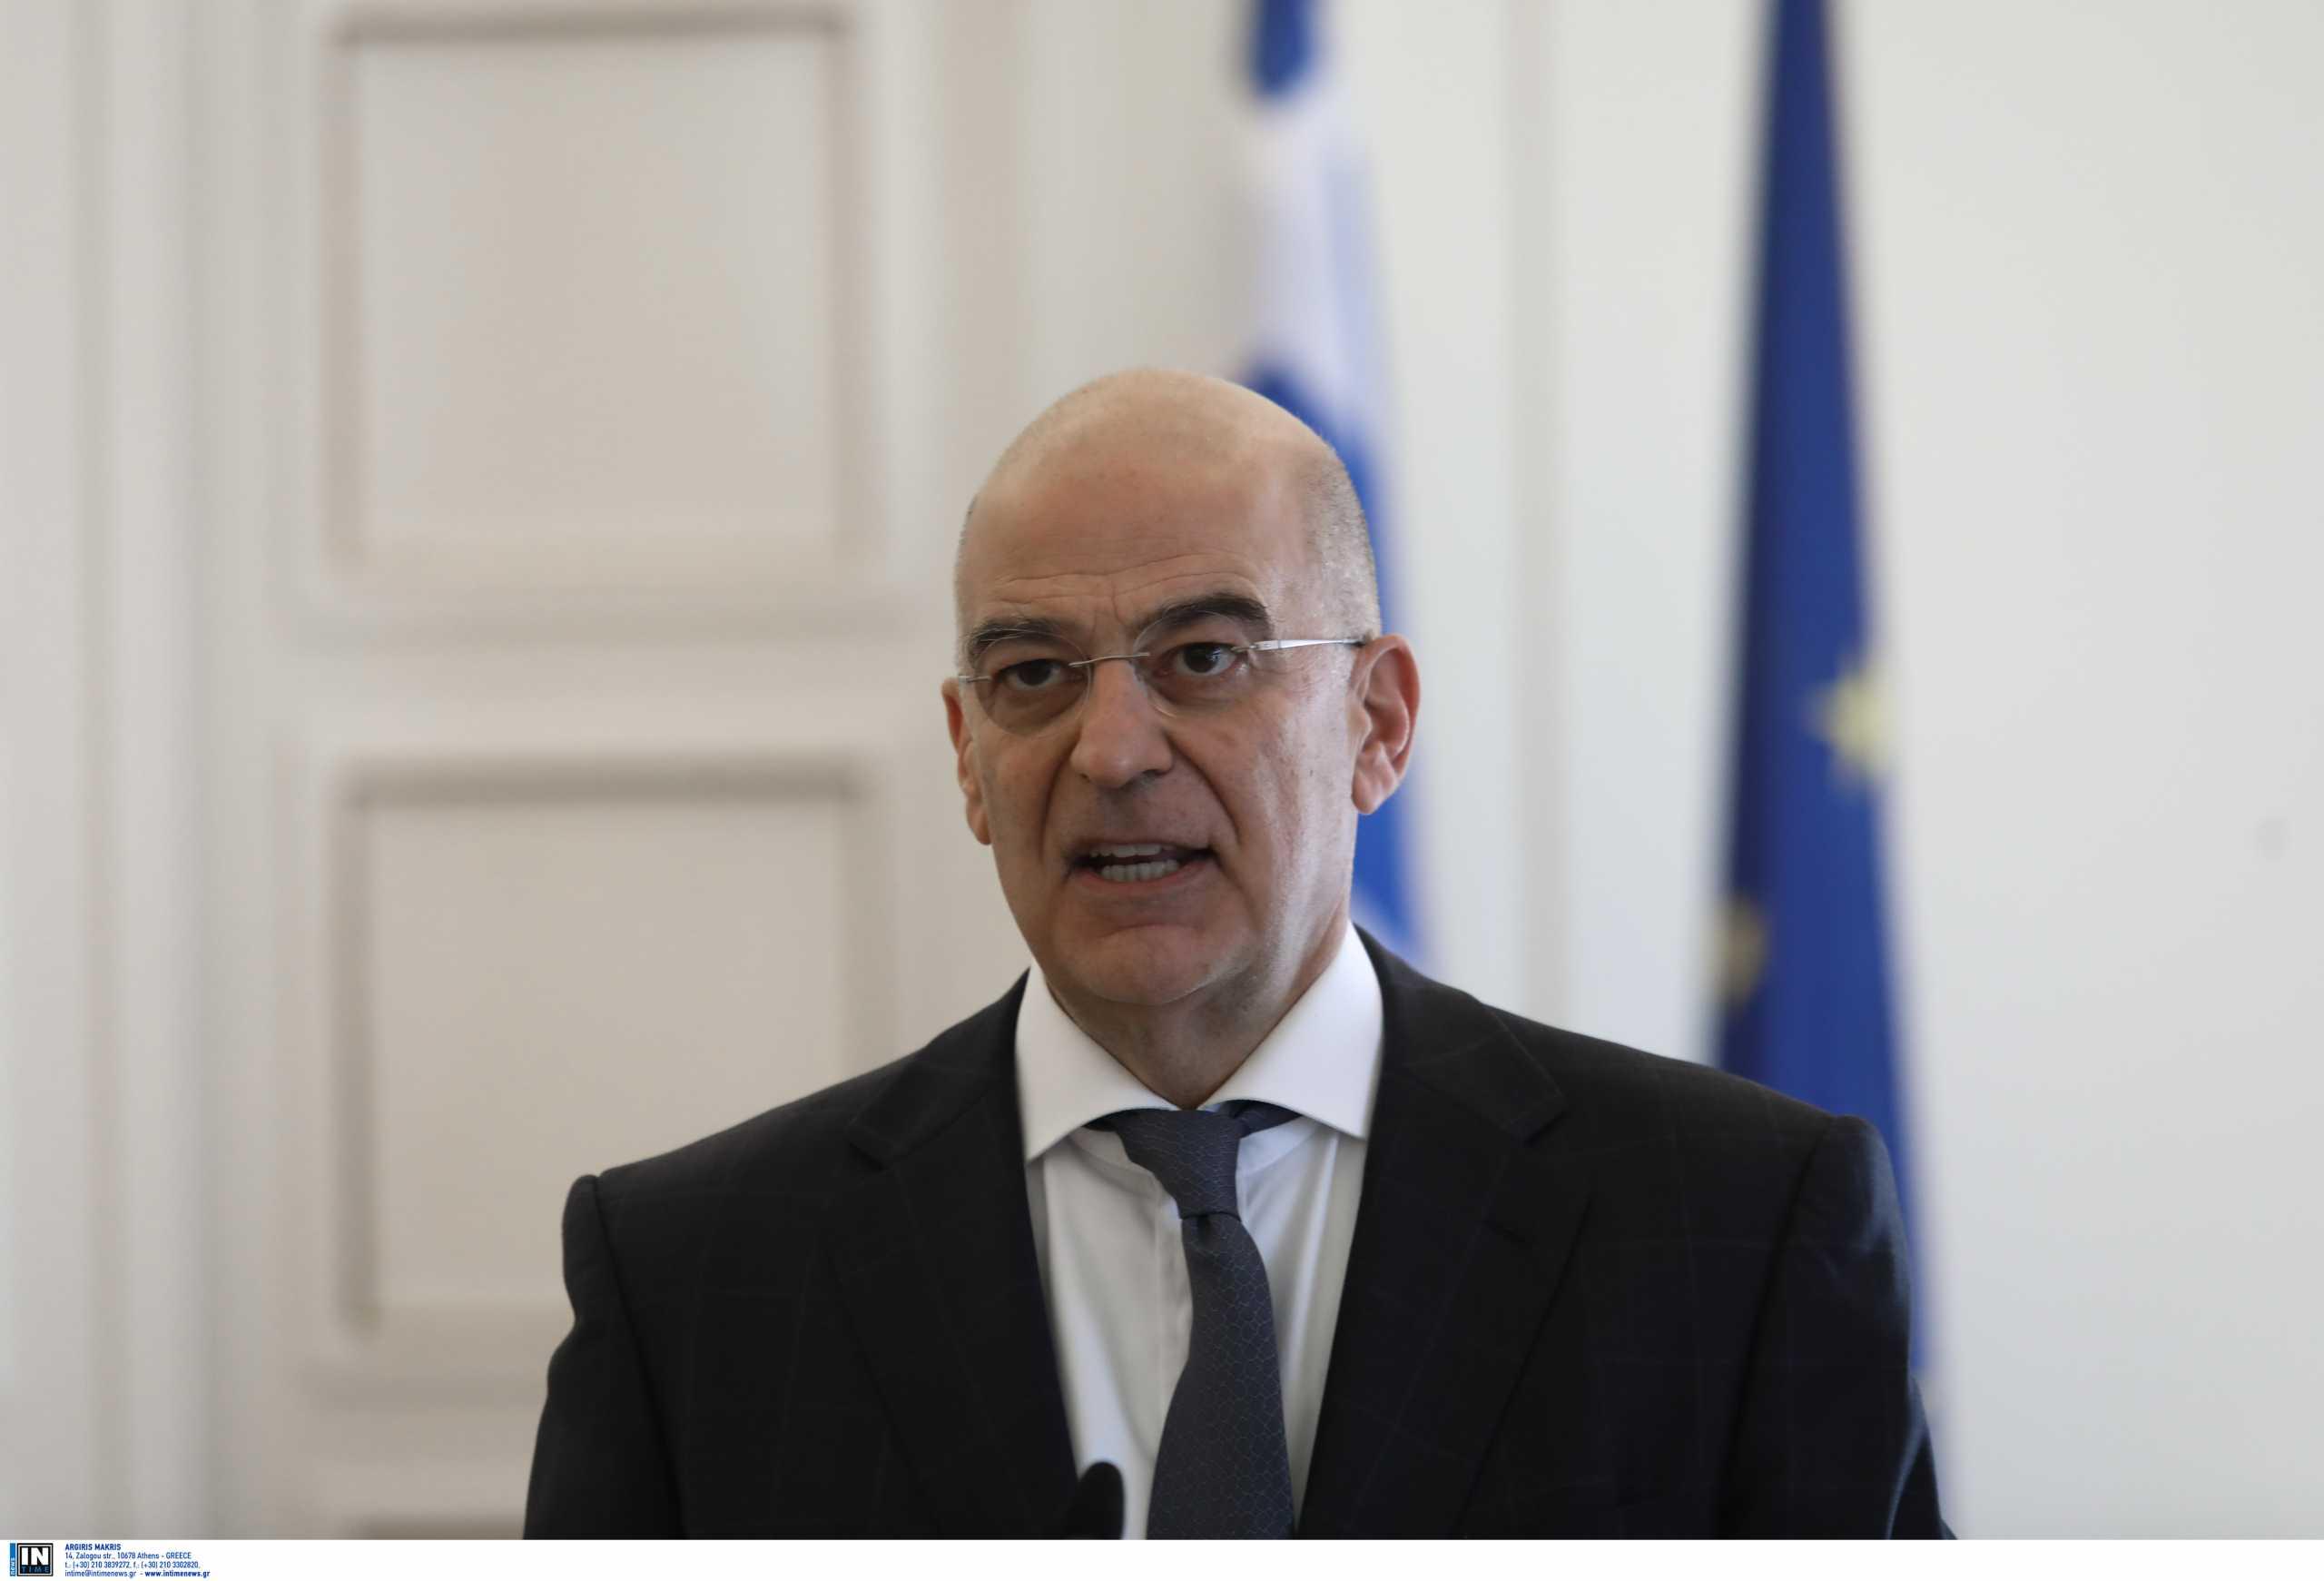 Δένδιας: Το Κυπριακό είναι πρωτίστως ζήτημα εισβολής και κατοχής ανεξάρτητου και κυρίαρχου κράτους